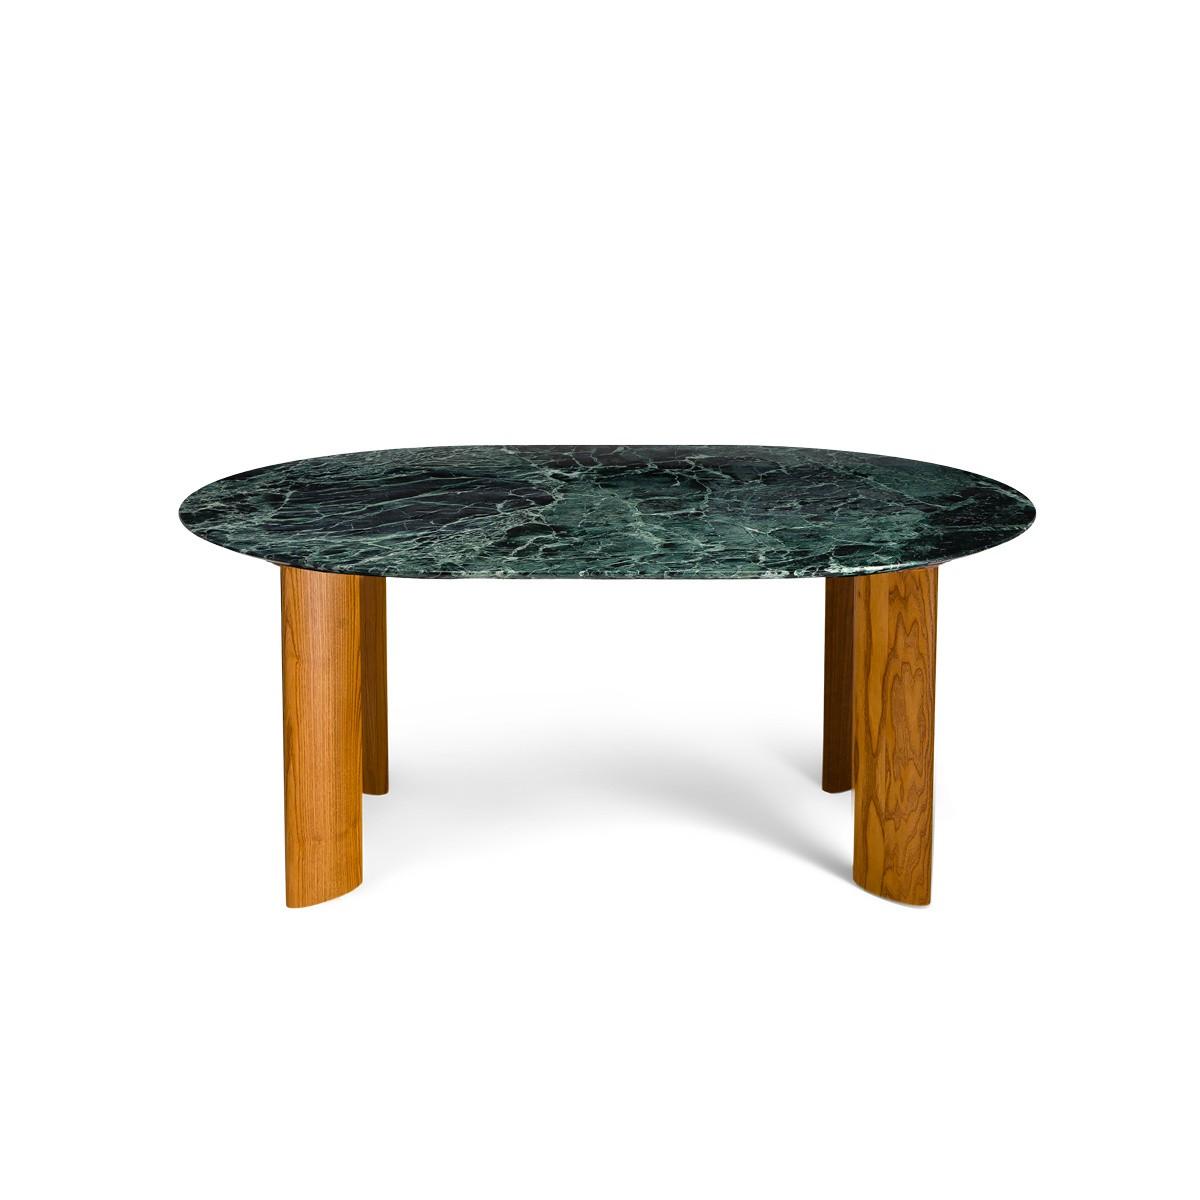 Table de salle à manger Carlotta Alta marbre vert et pieds frêne finition iroko - 6 places